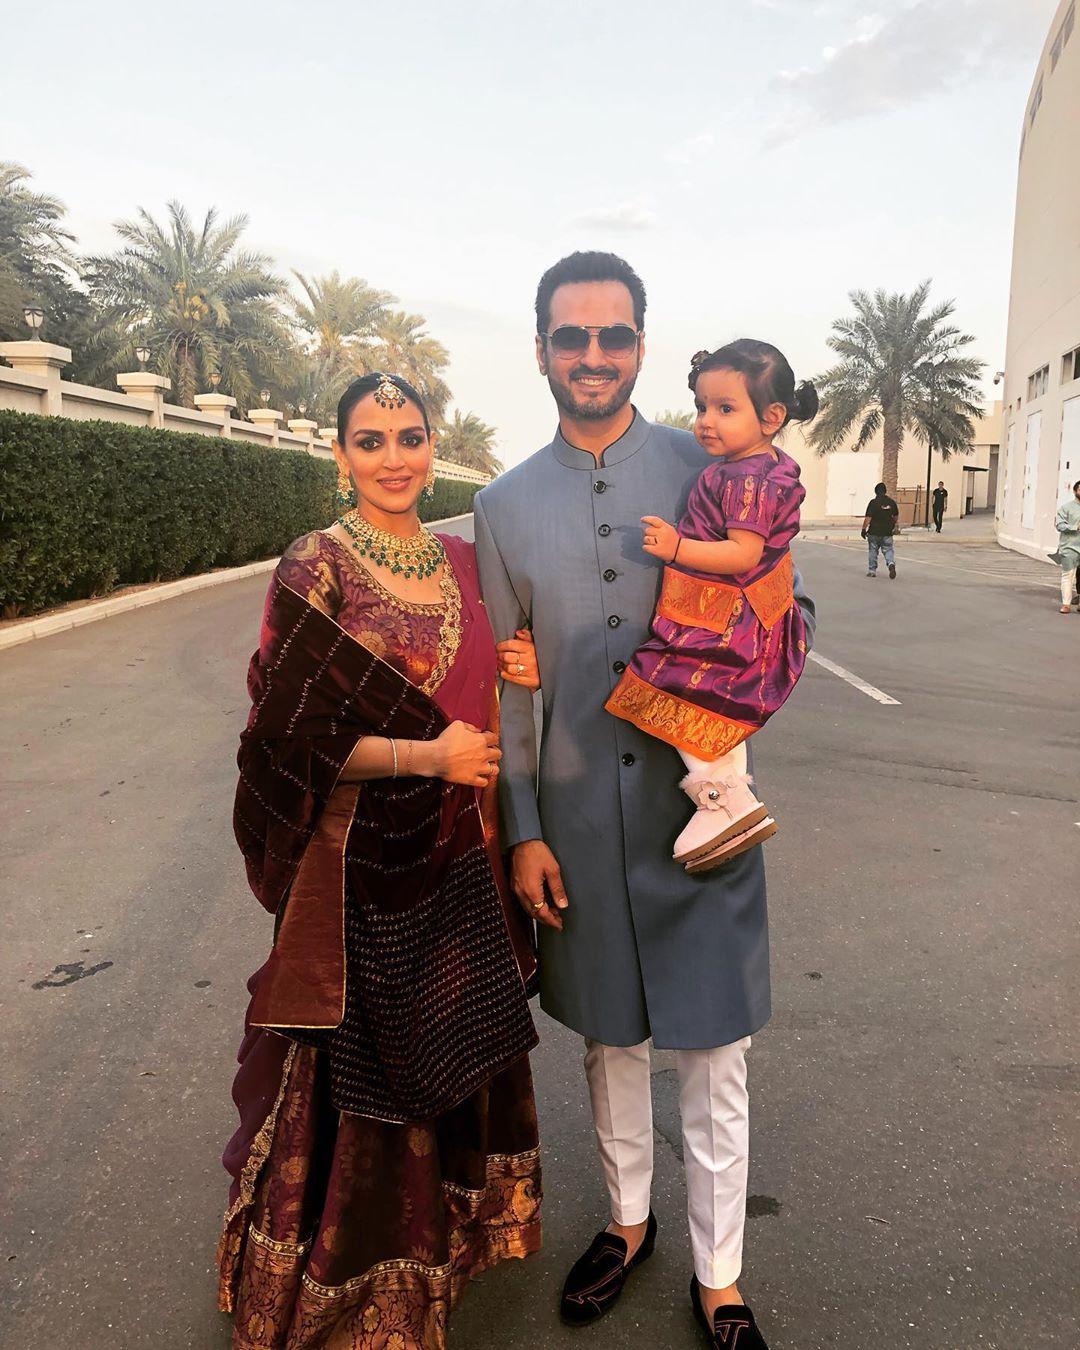 बता दें ईशा ने साल 2012 में बिजनेसमैन भरत तख्तानी से शादी की थी. जिसके बाद उन्होंने फिल्मों से दूरी बनाना शुरू कर दिया था. हालांकि ईशा, साल 2018 में आई शॉर्ट फिल्म केकवॉक में नज़र आई थीं.